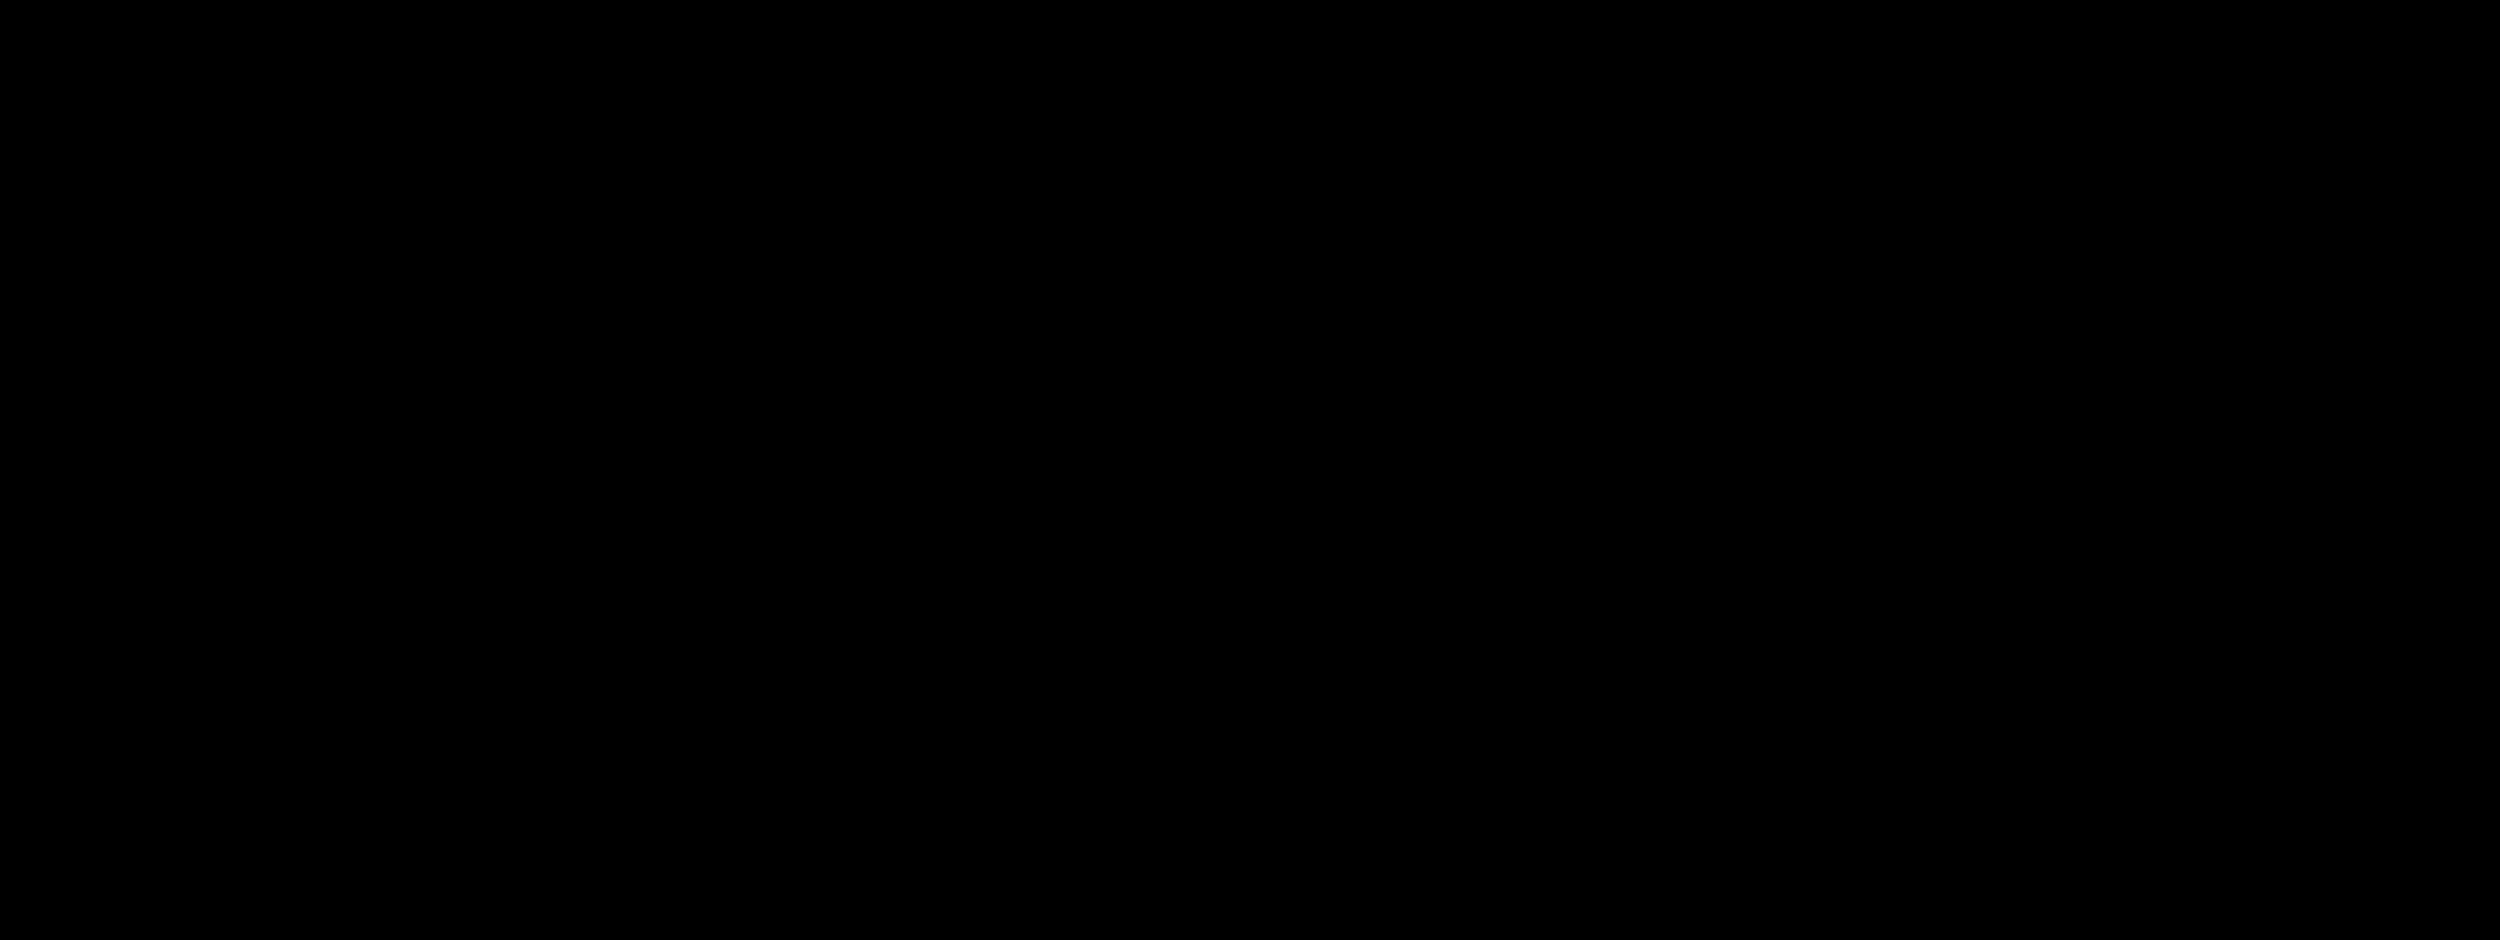 logos programas TECH-14.png